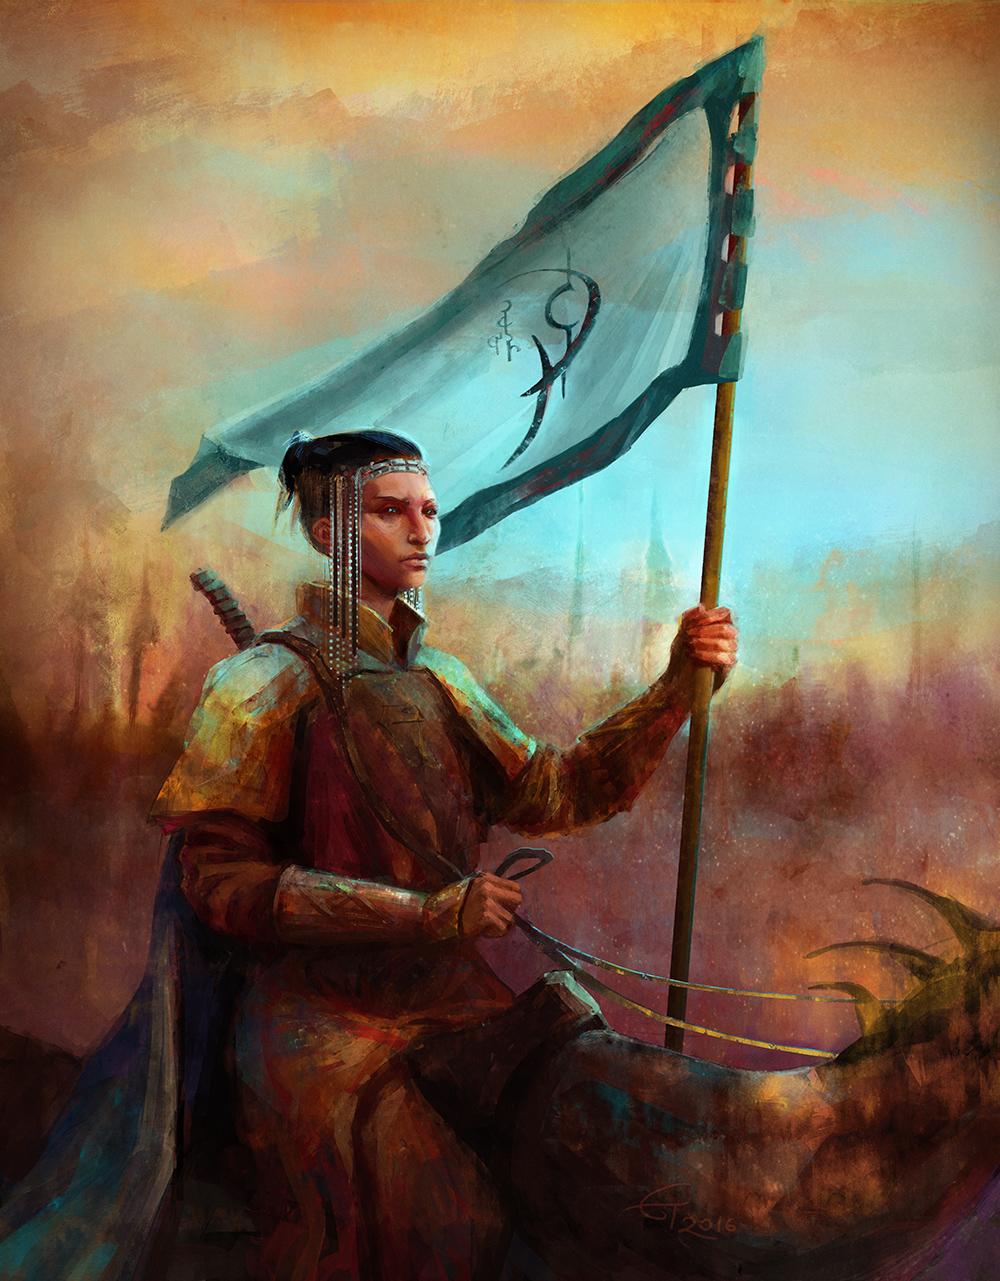 A Knight of Cydonia by eilidh